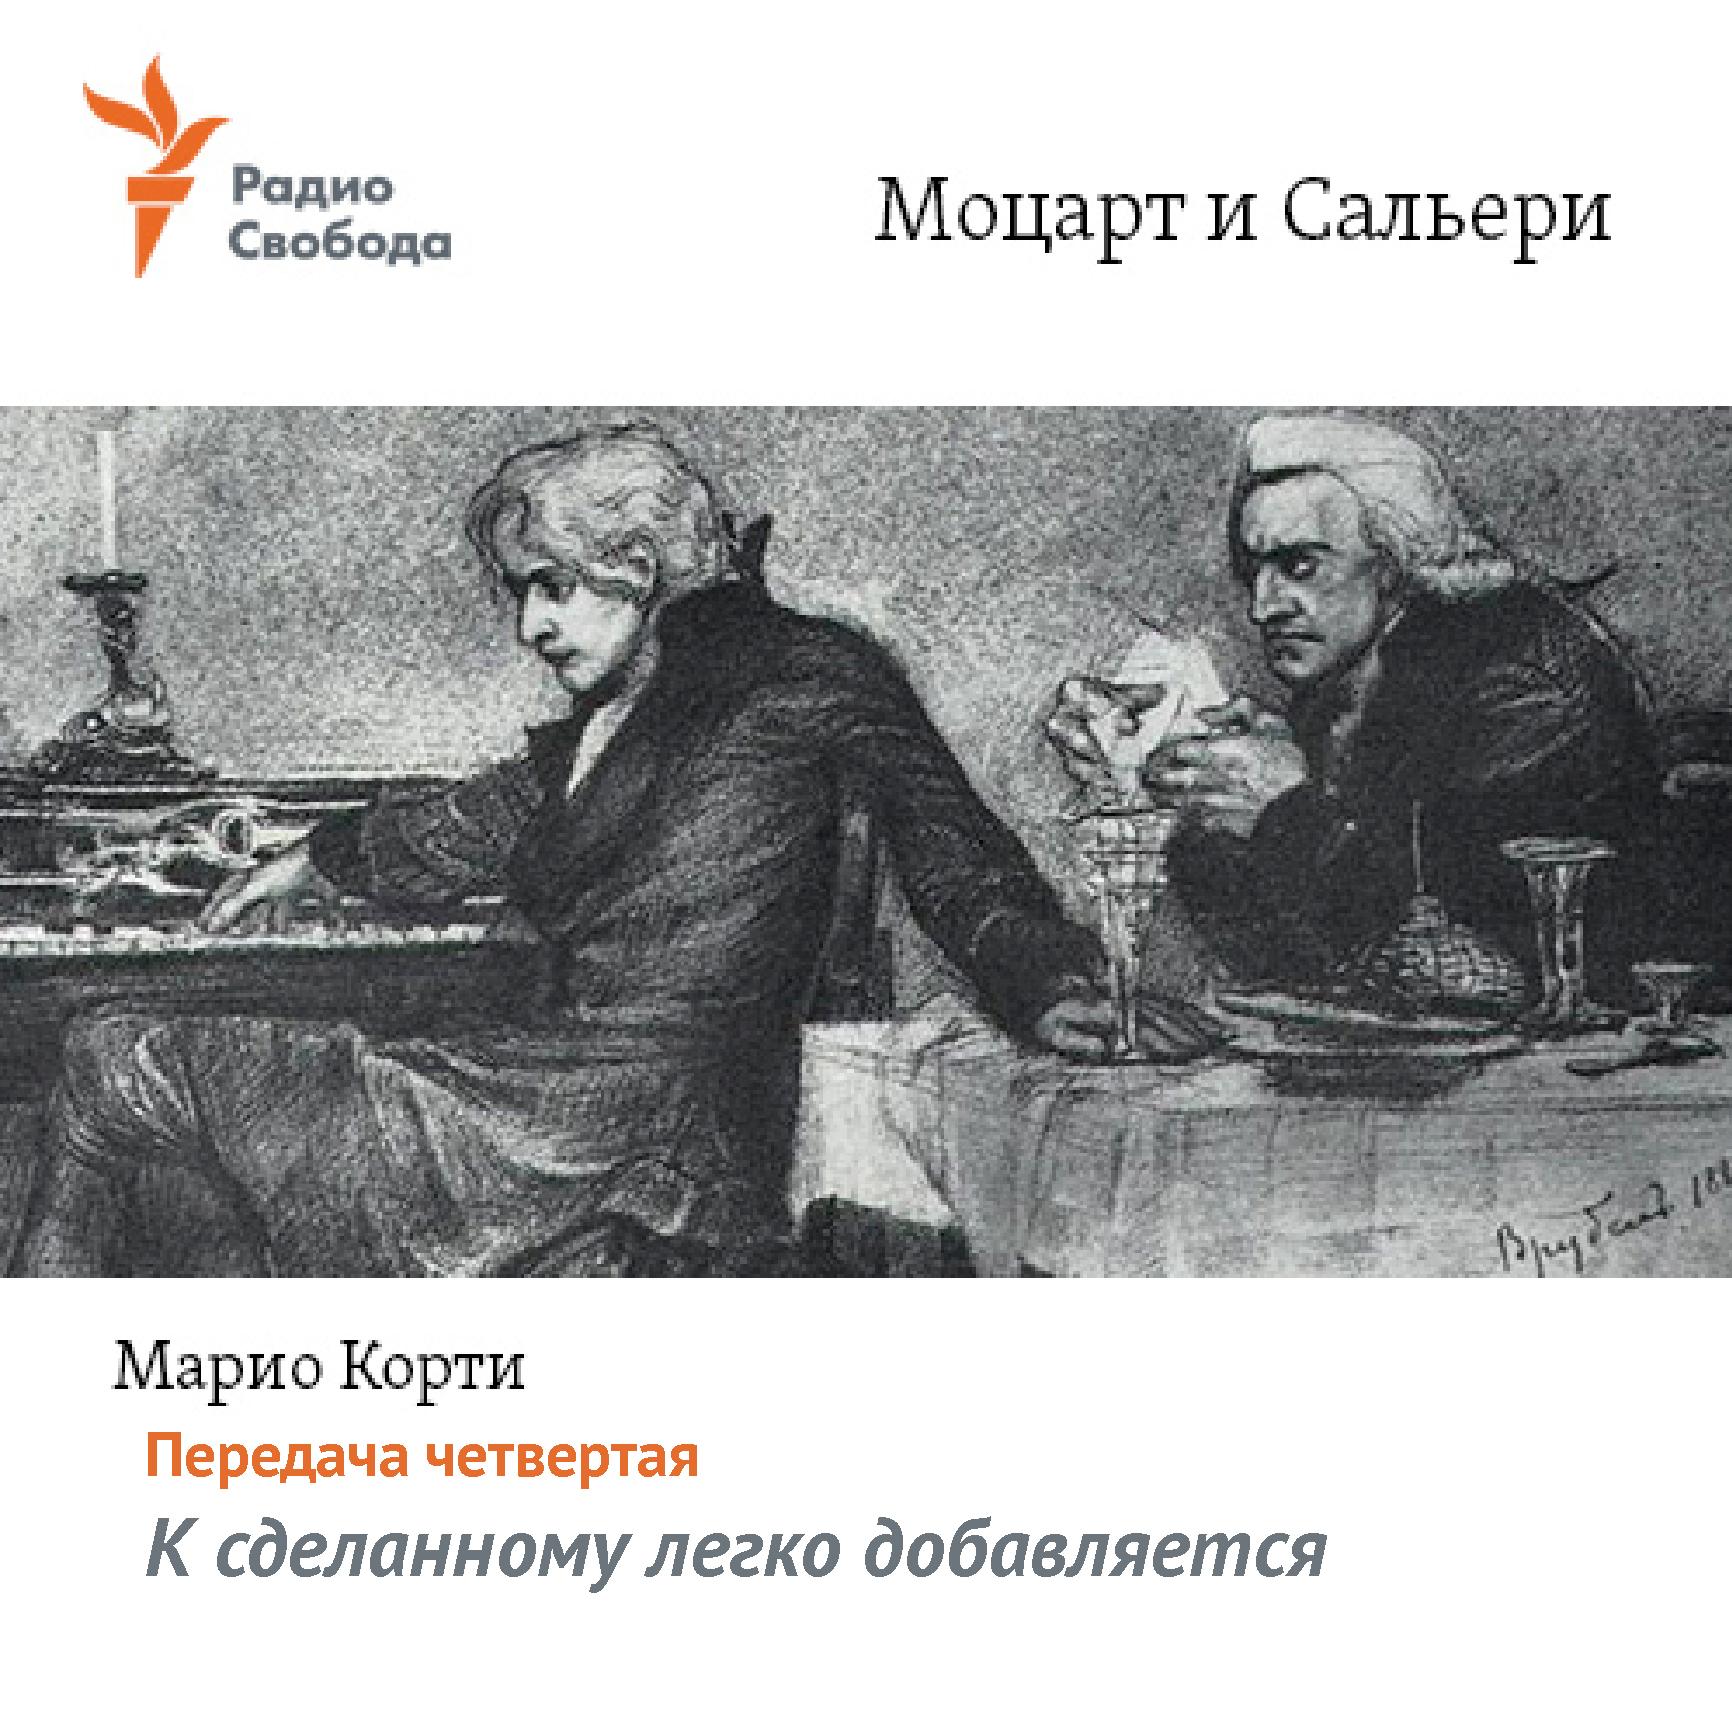 Марио Корти Моцарт и Сальери. Передача четвертая – К сделанному легко добавляется все цены